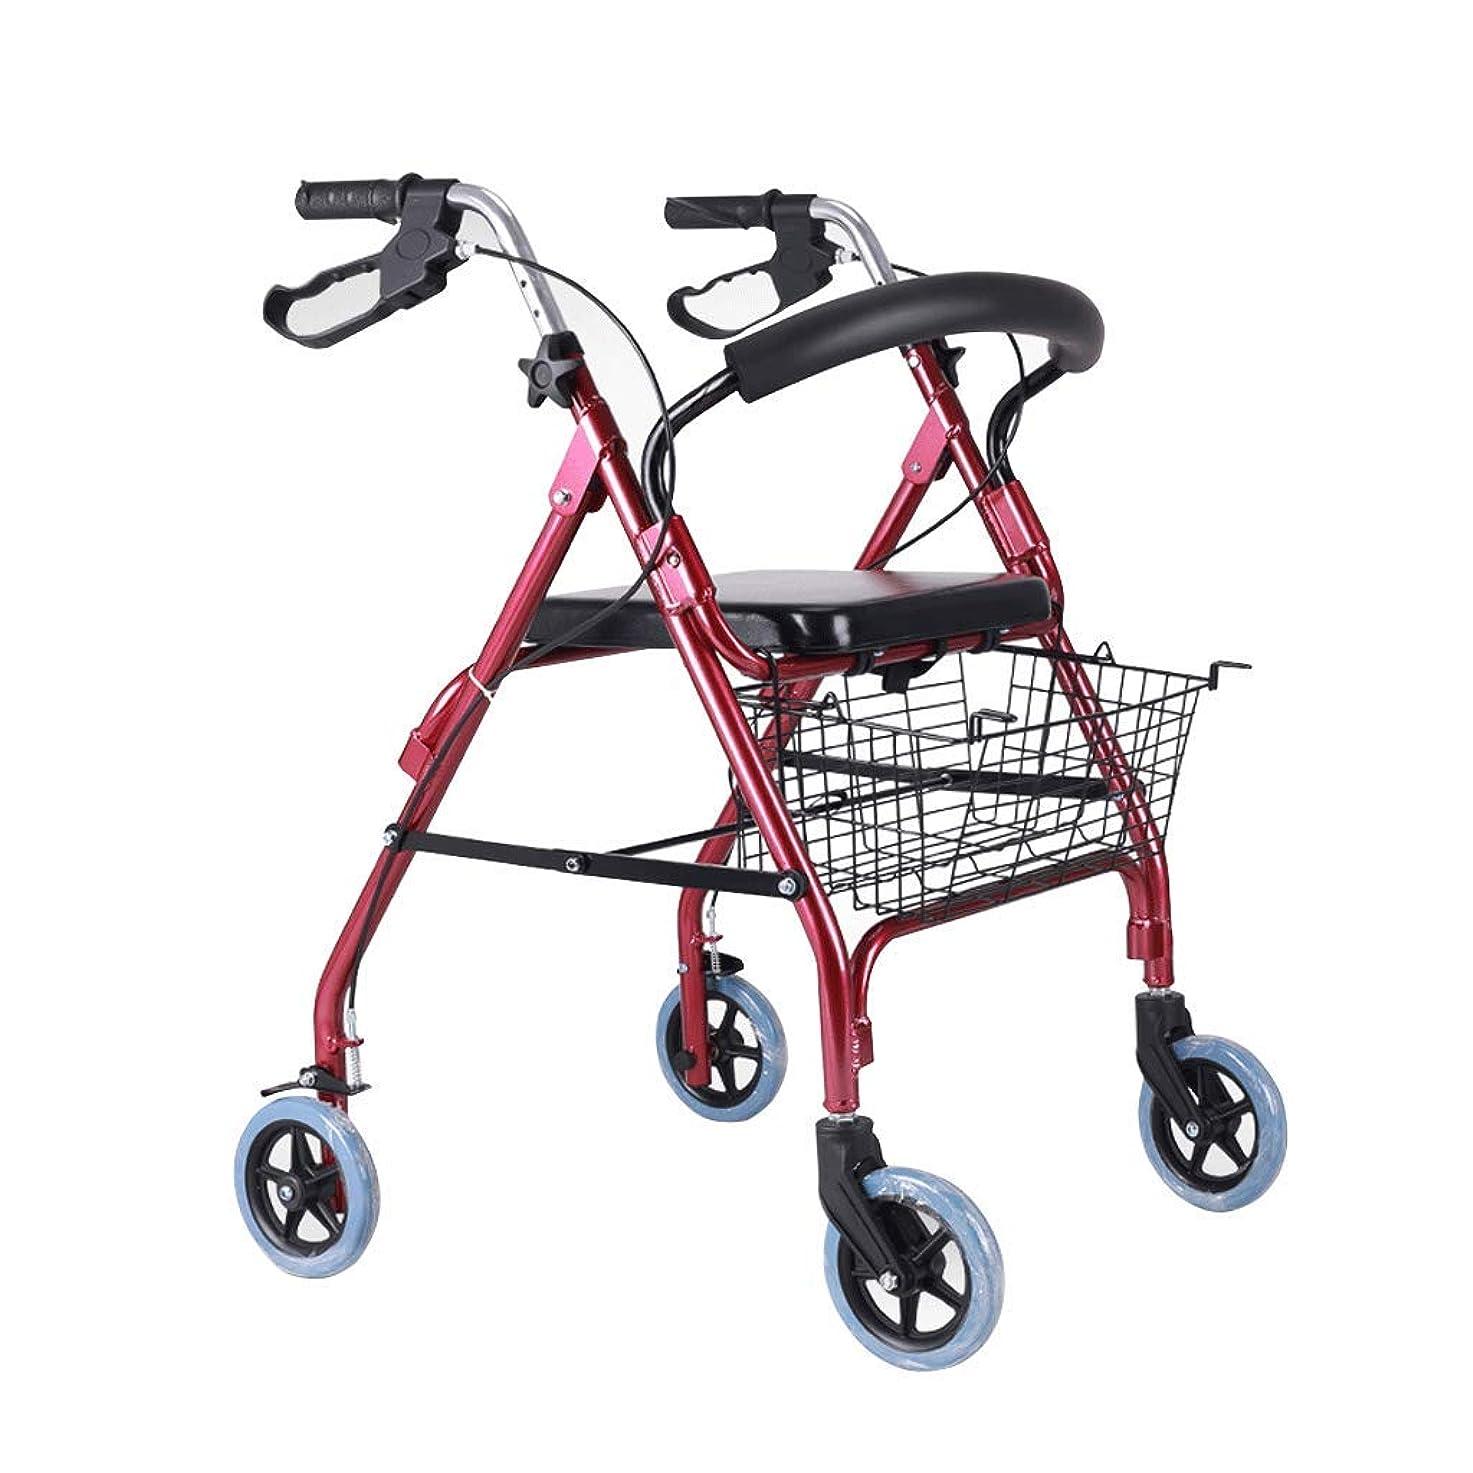 カウントのスコア公園ケーブルブレーキ、パッド付きシート、背もたれ付き四輪車用ウォーラーウォーカー